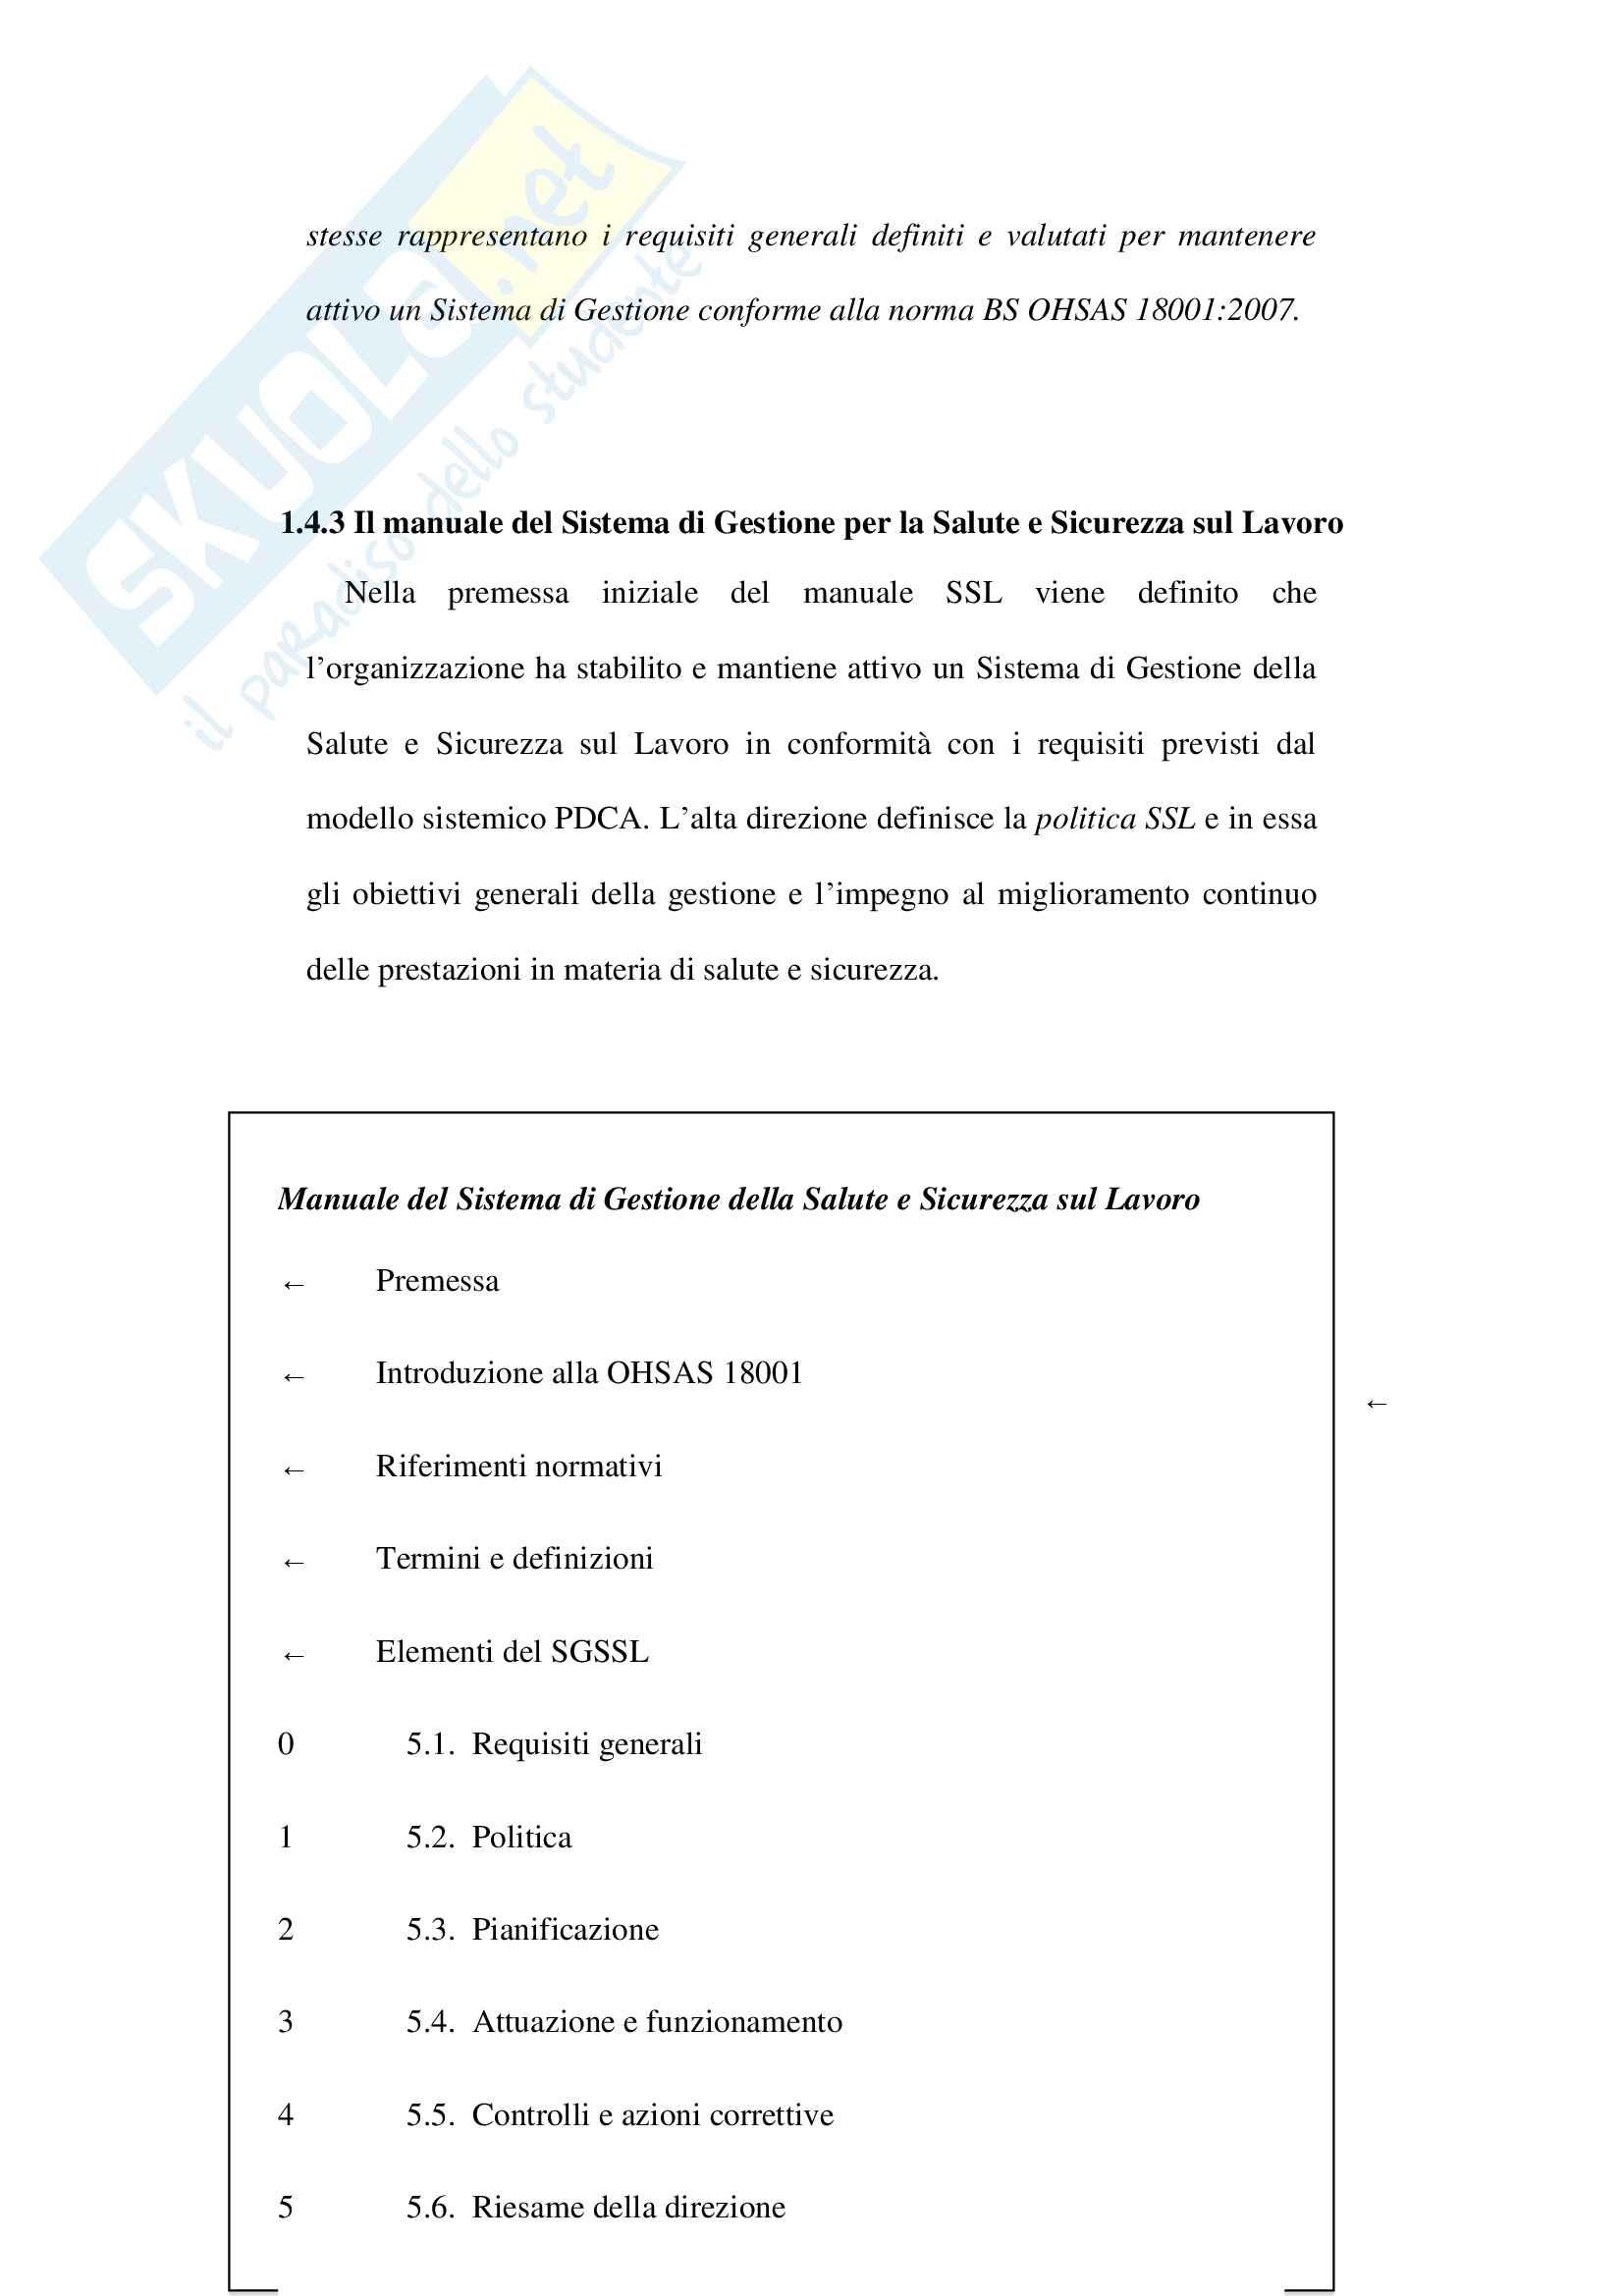 Tesi sulla sicurezza sui luoghi di lavoro ( Valutazione dei rischi e sistemi del lavoro in un'azienda metalmeccanica) Pag. 16